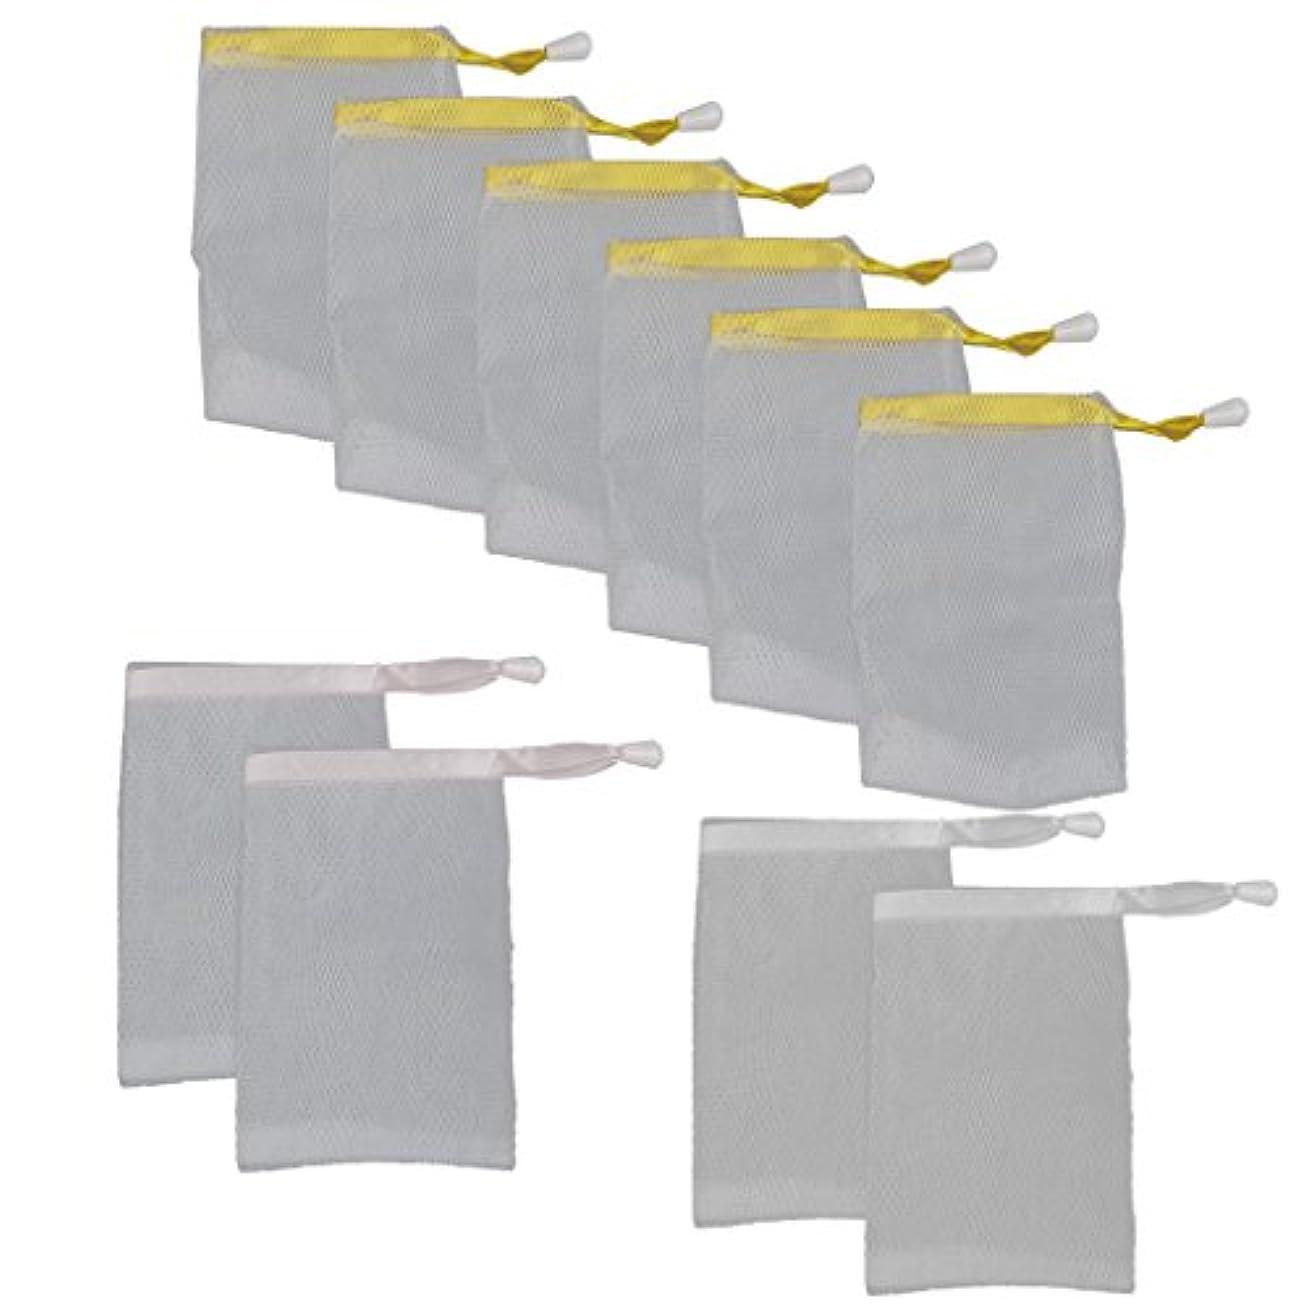 寺院磁気磁器メッシュ製 泡立て ホイップ 石鹸 ポーチ ネット ホルダー 巾着バッグ 10個